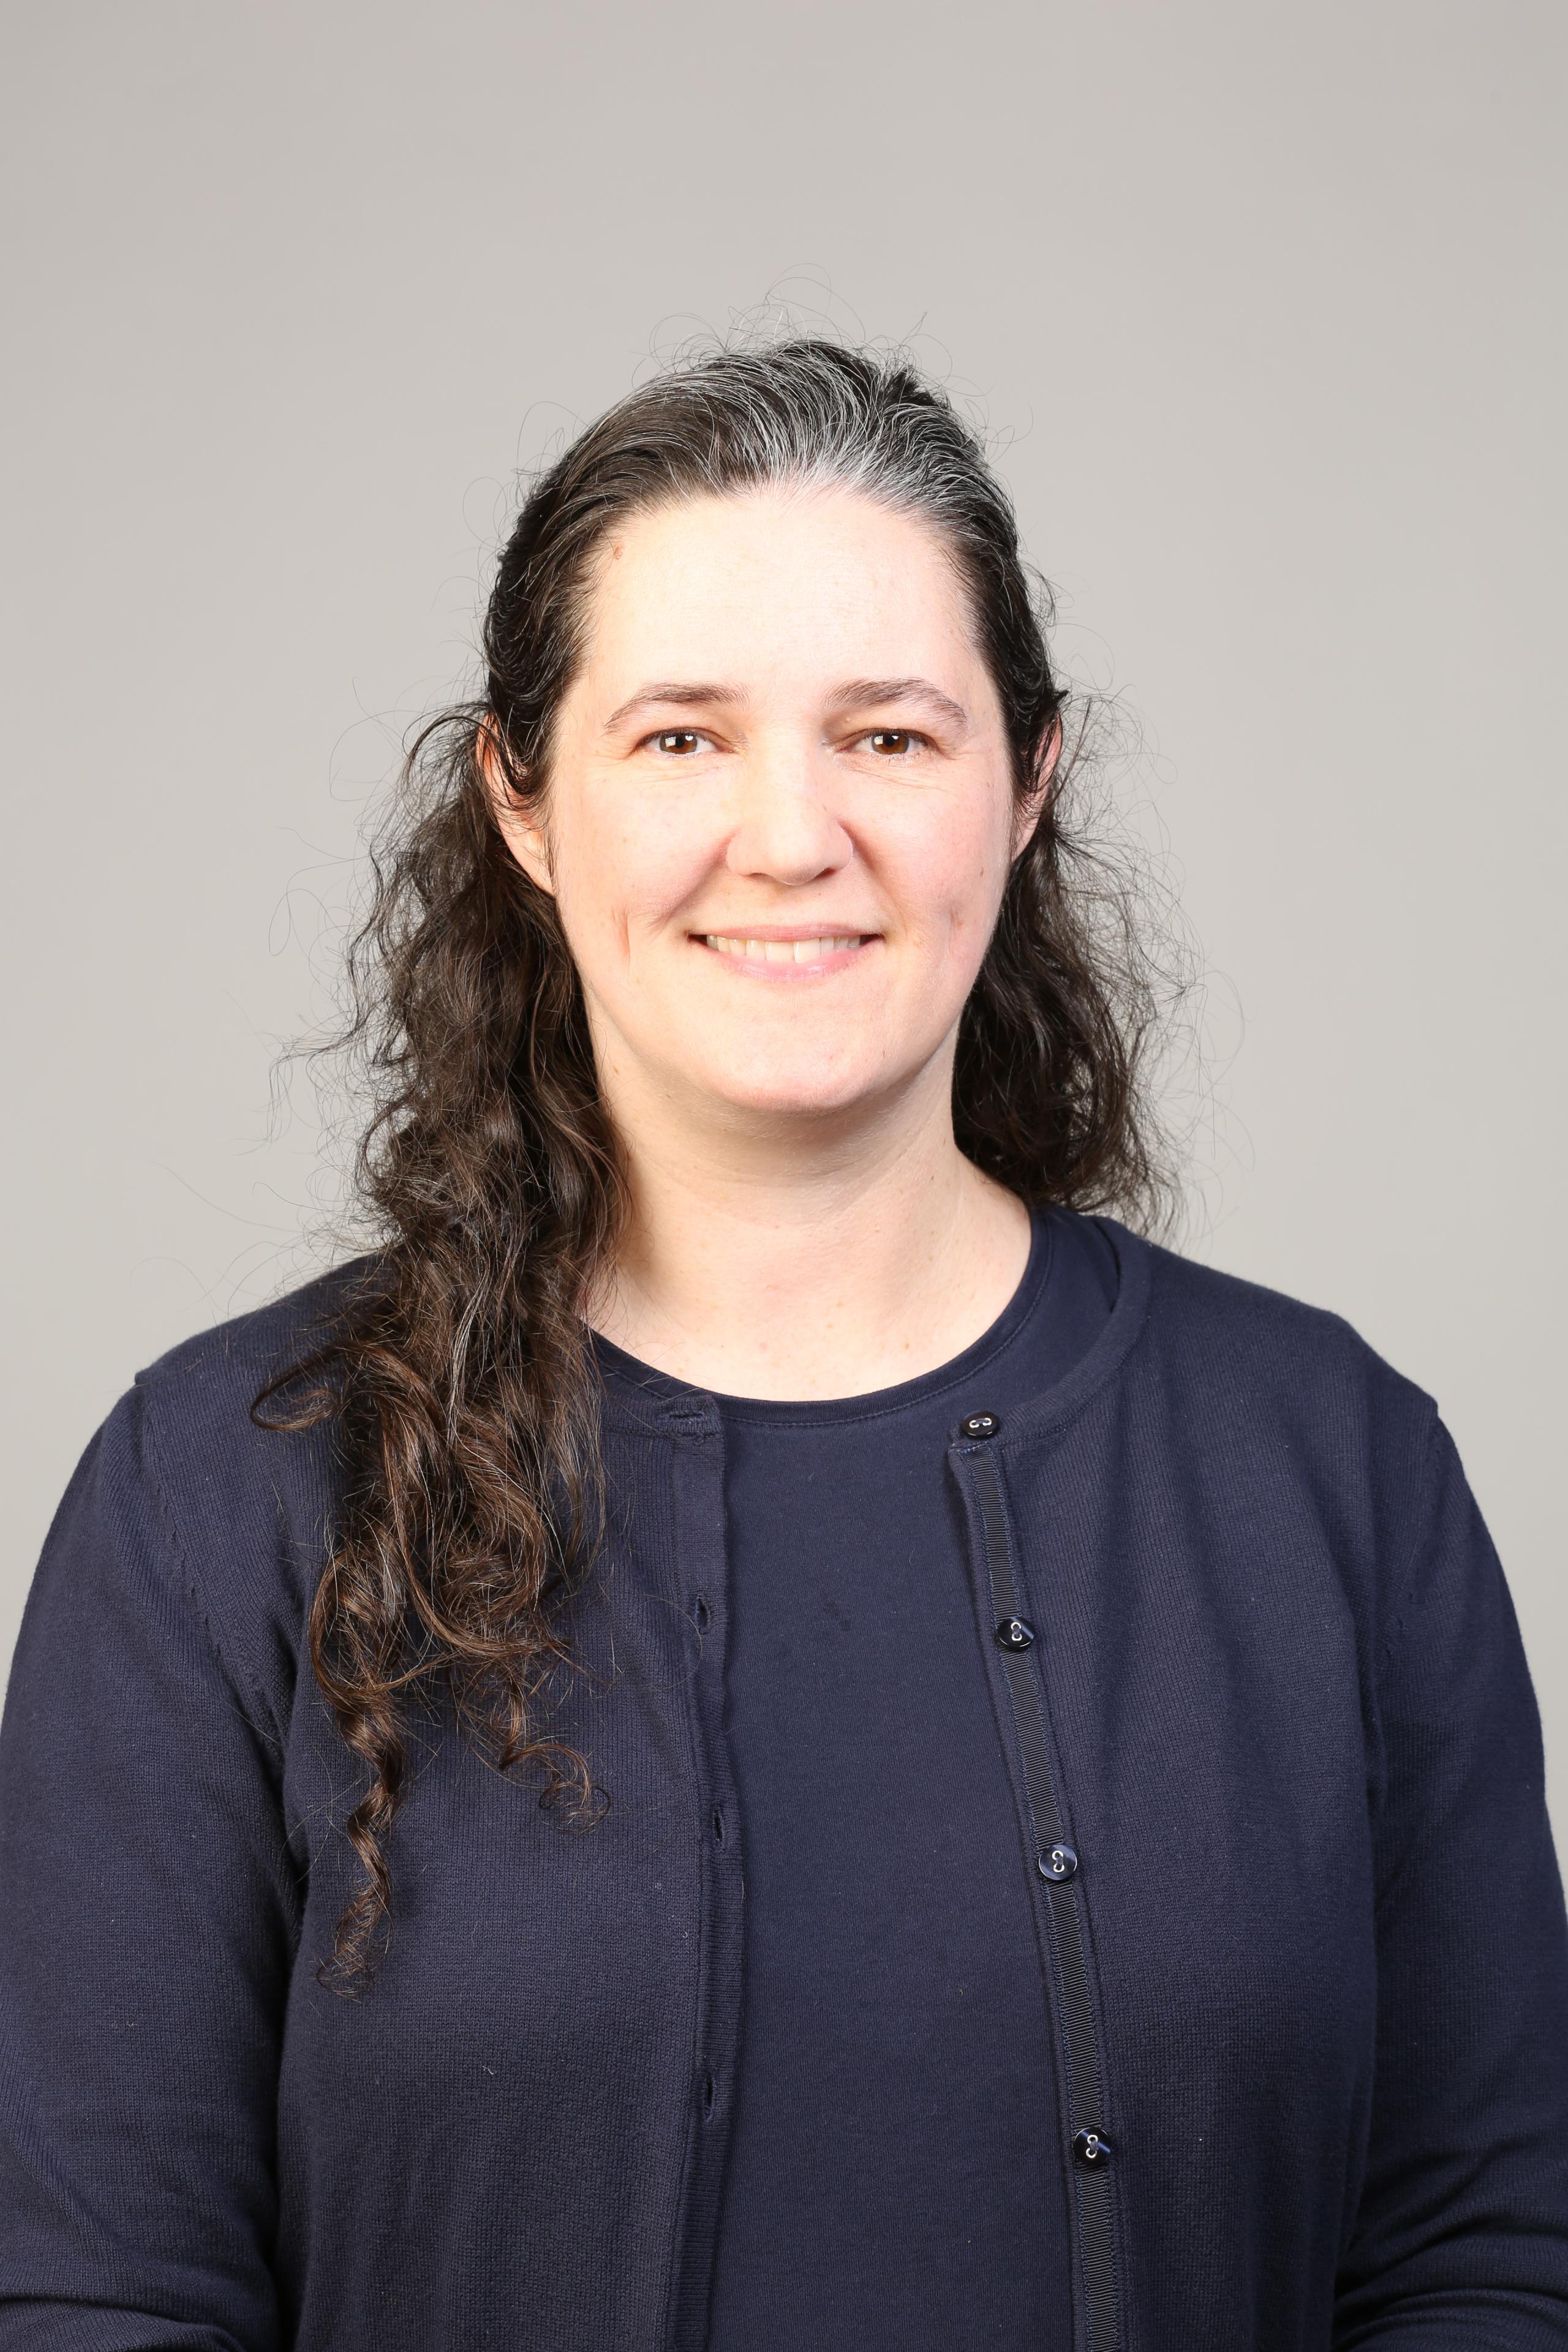 Mrs. Lori Burris